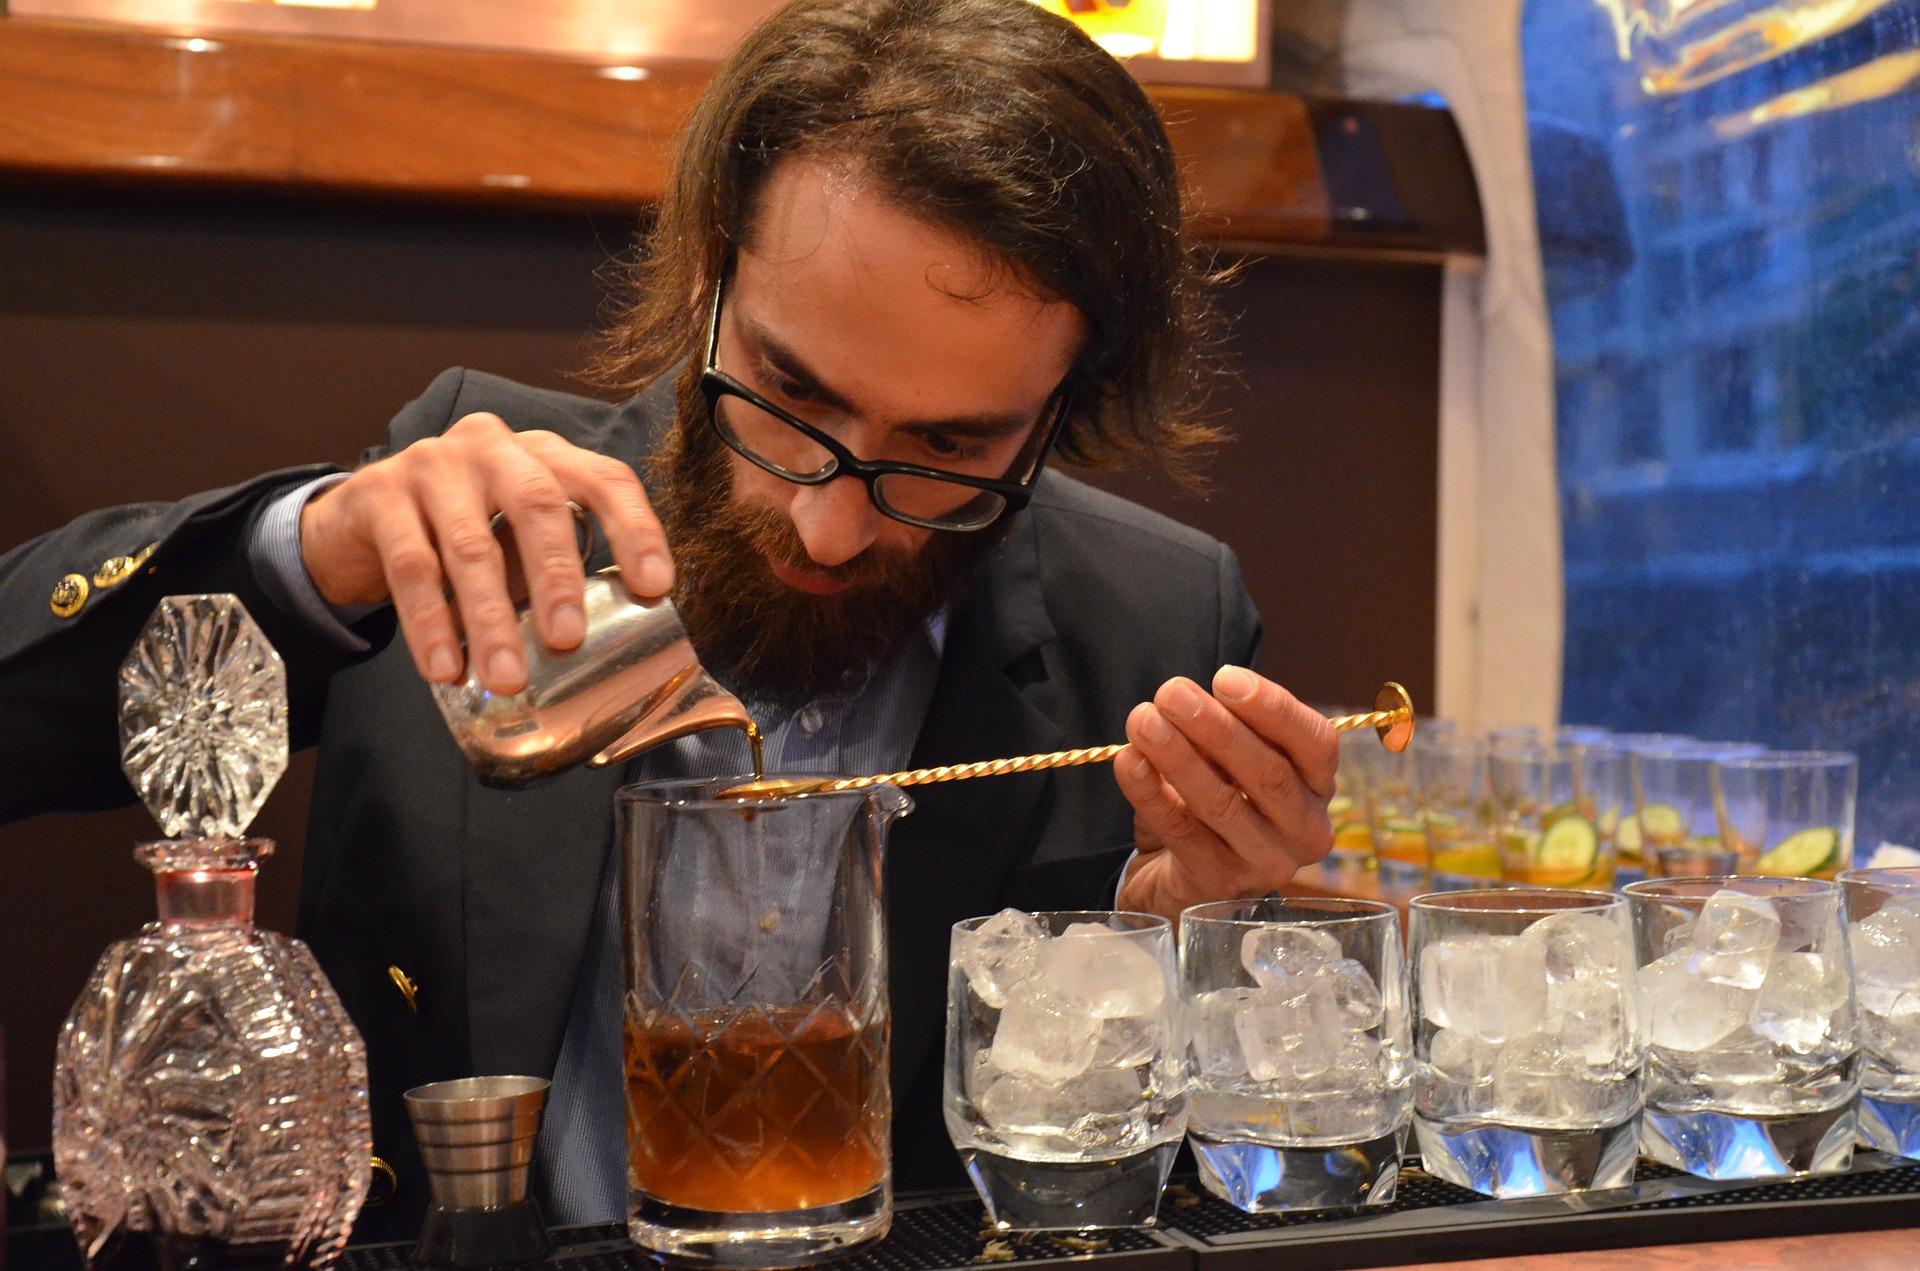 Come degustare il whisky dai bicchieri agli abbinamenti con il cibo 3